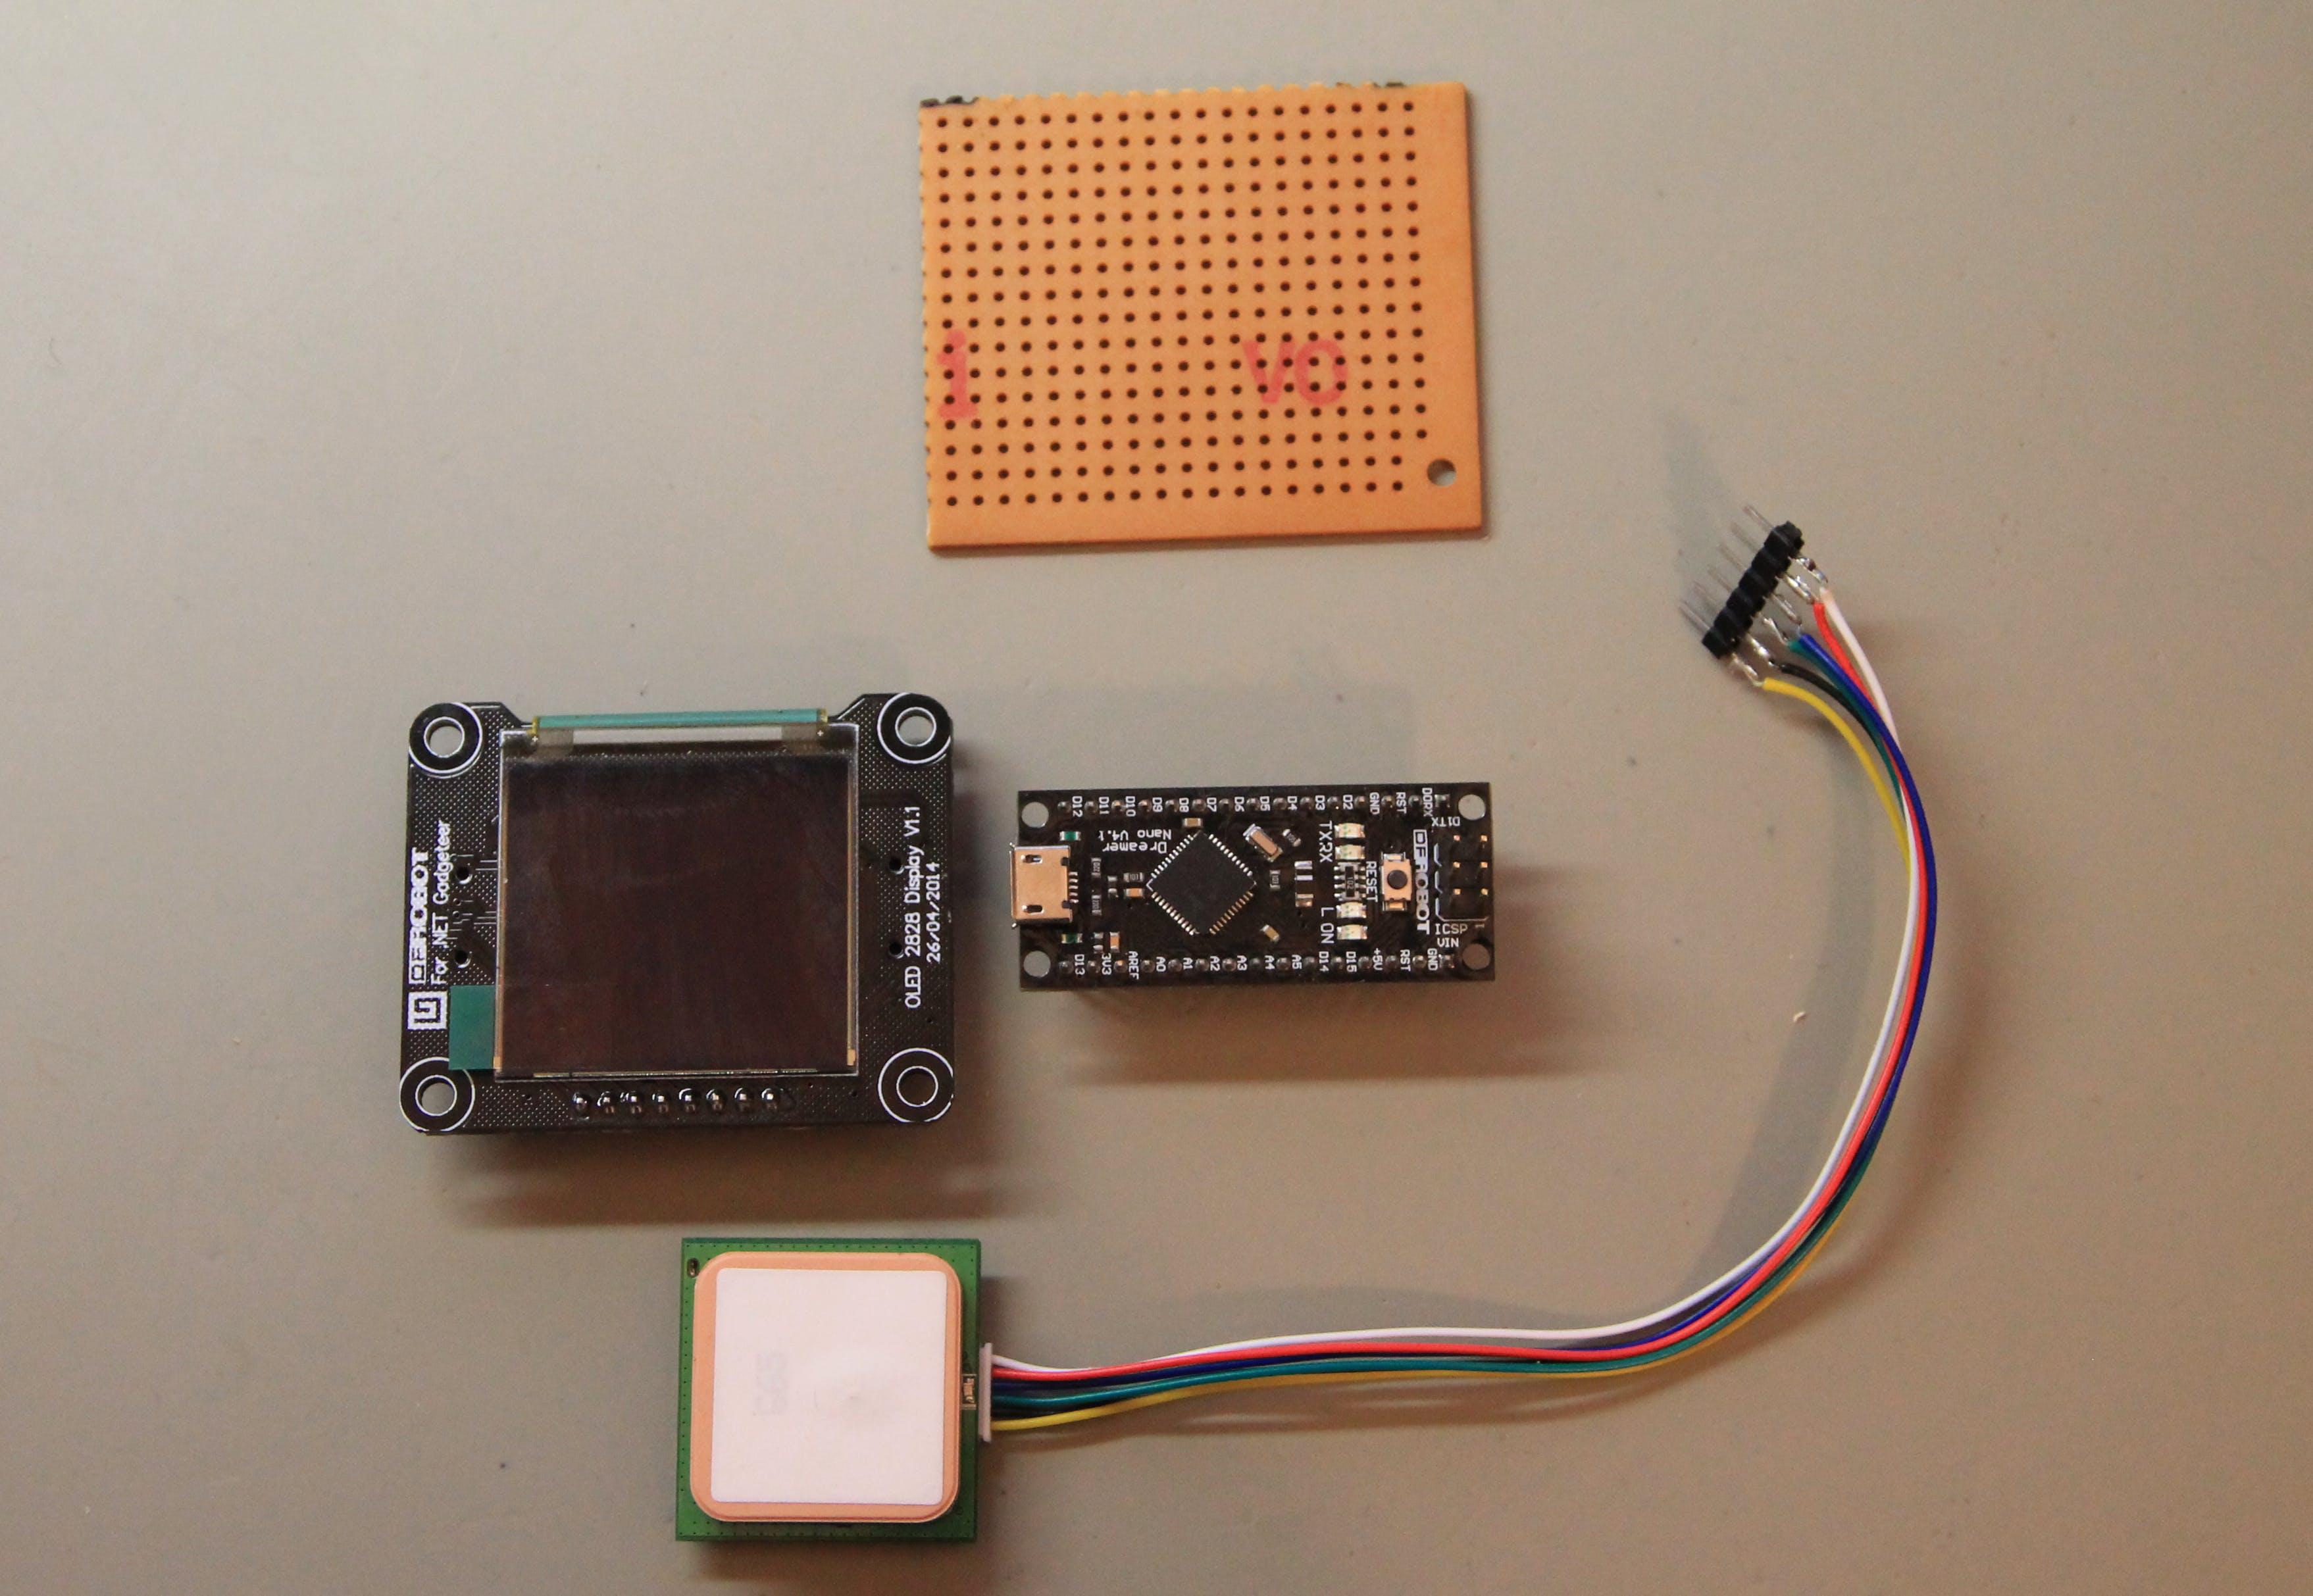 Oled / Dreamer Nano / GPS Prefboard